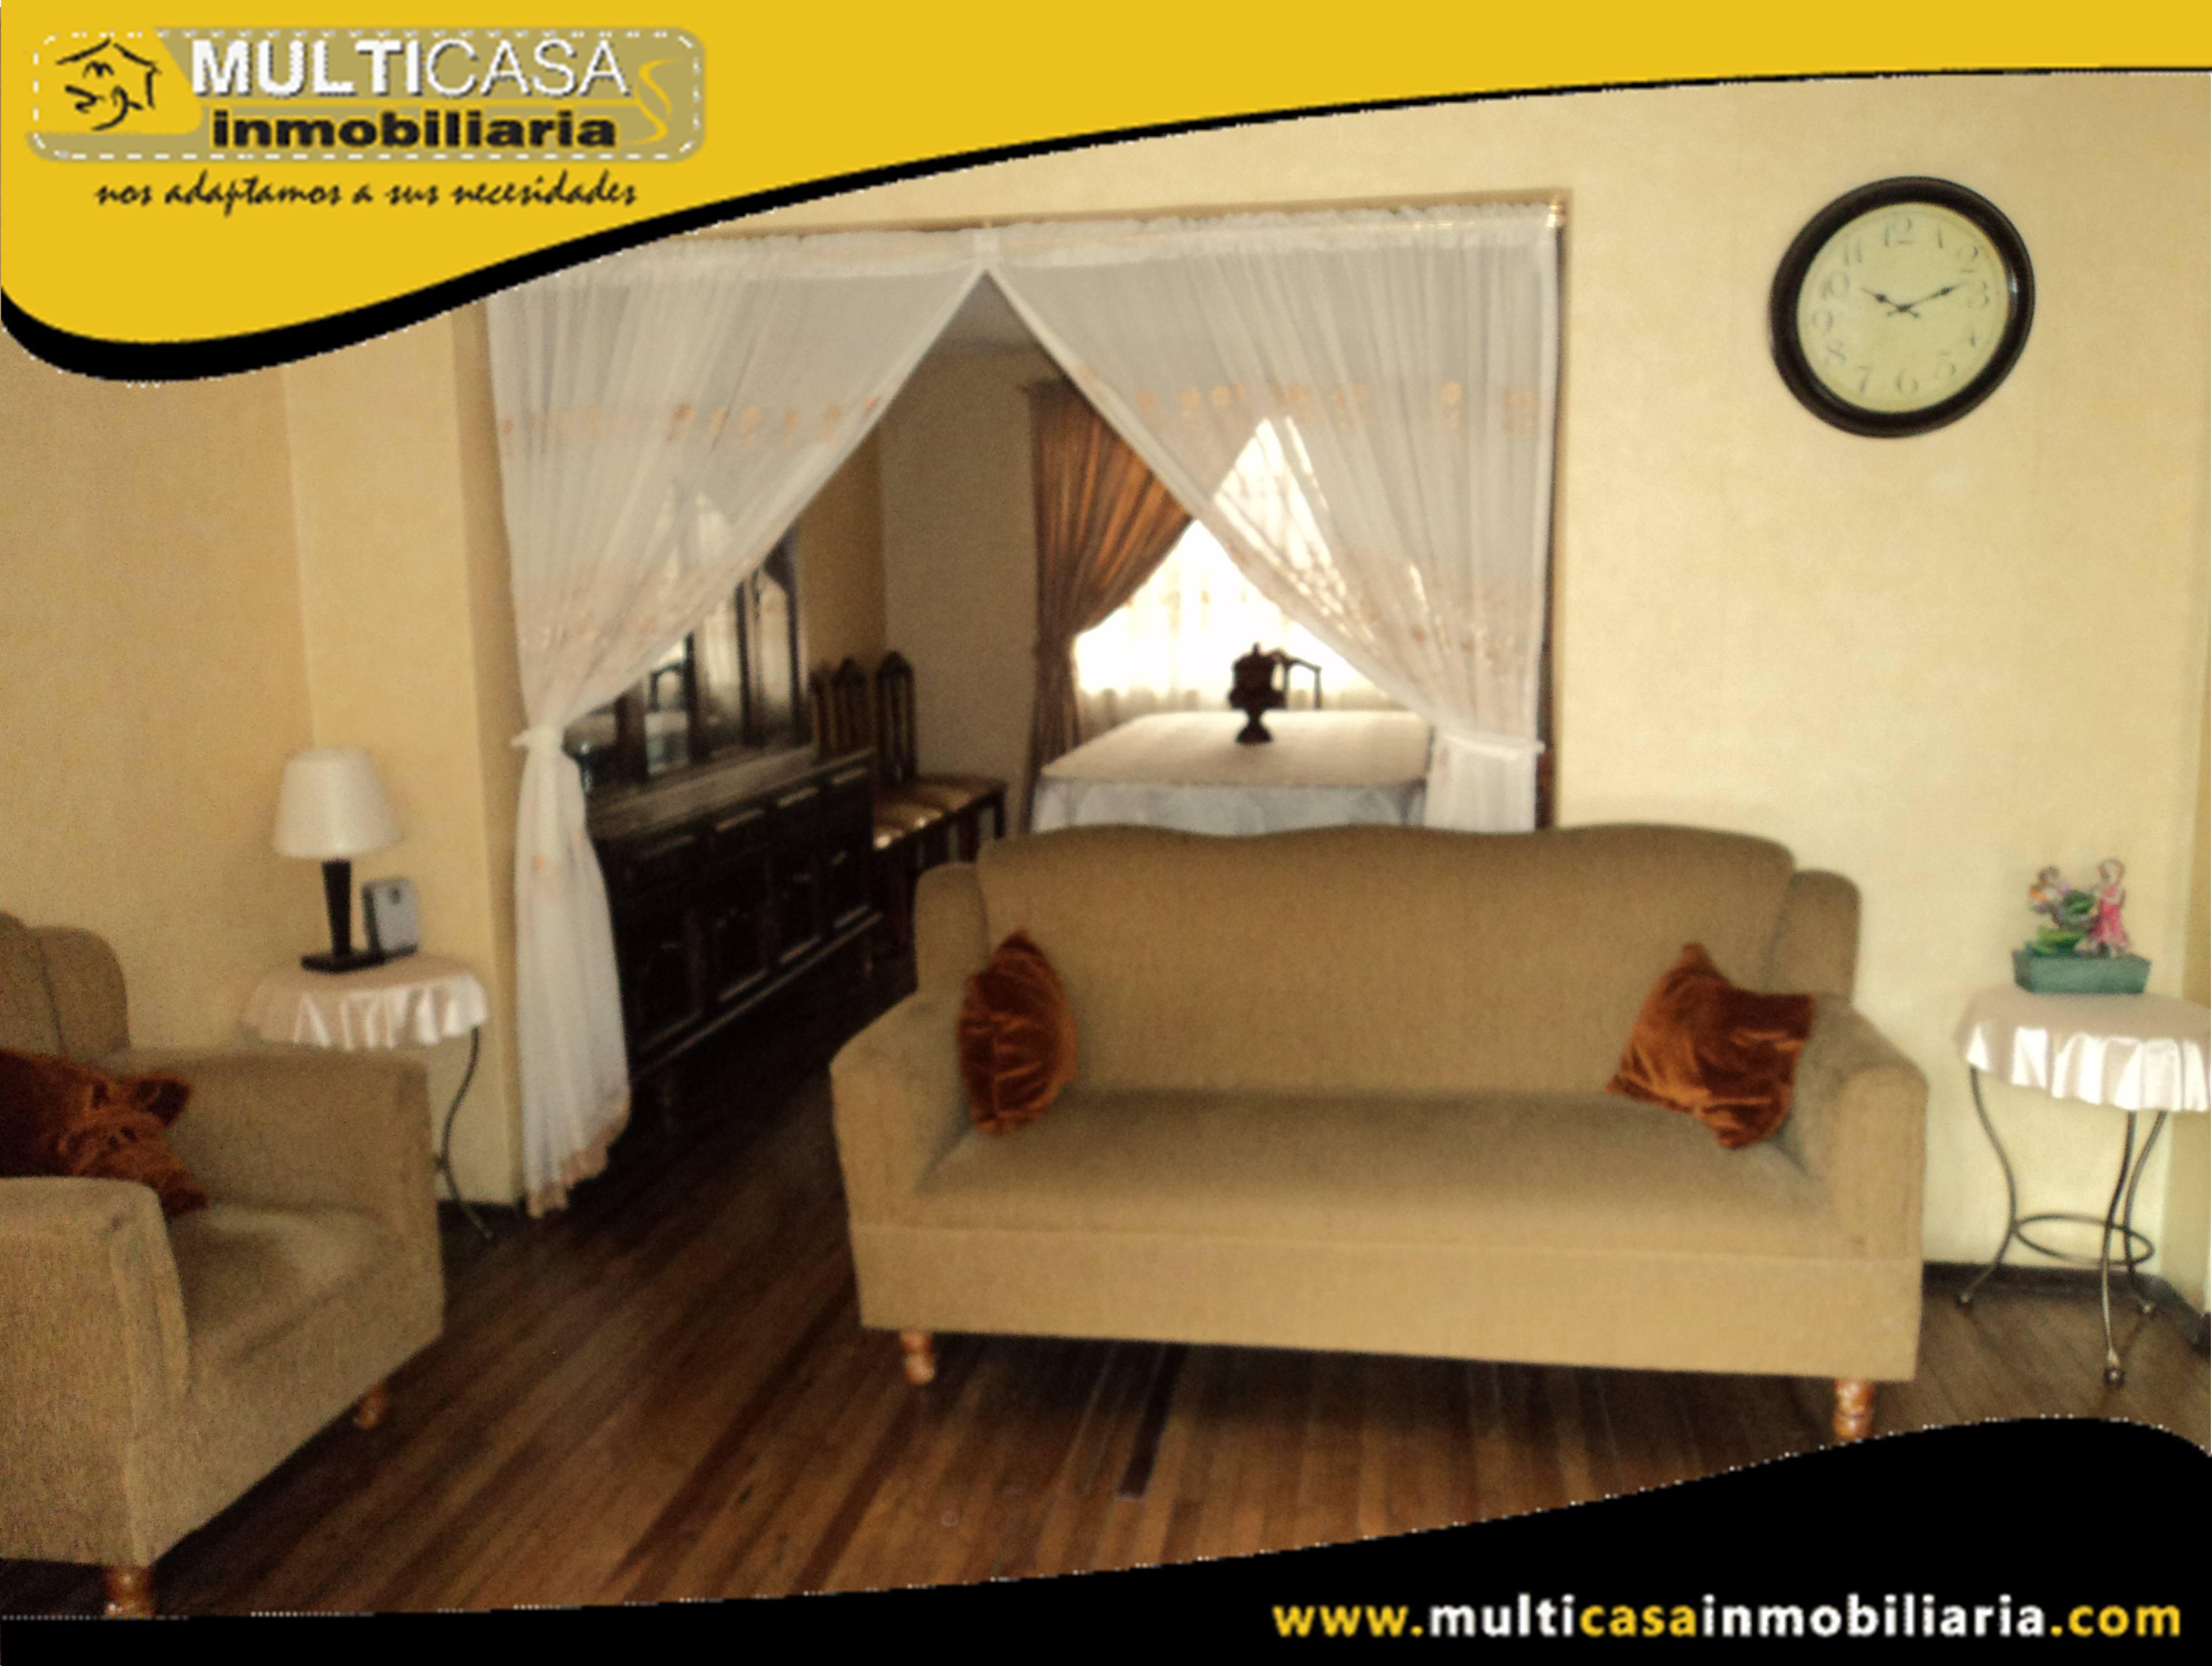 Venta de Hermosa Casa con Minidepartamento  y garaje para dos vehículos  Sector Héroes de Verdeloma Cuenca-Ecuador <br>